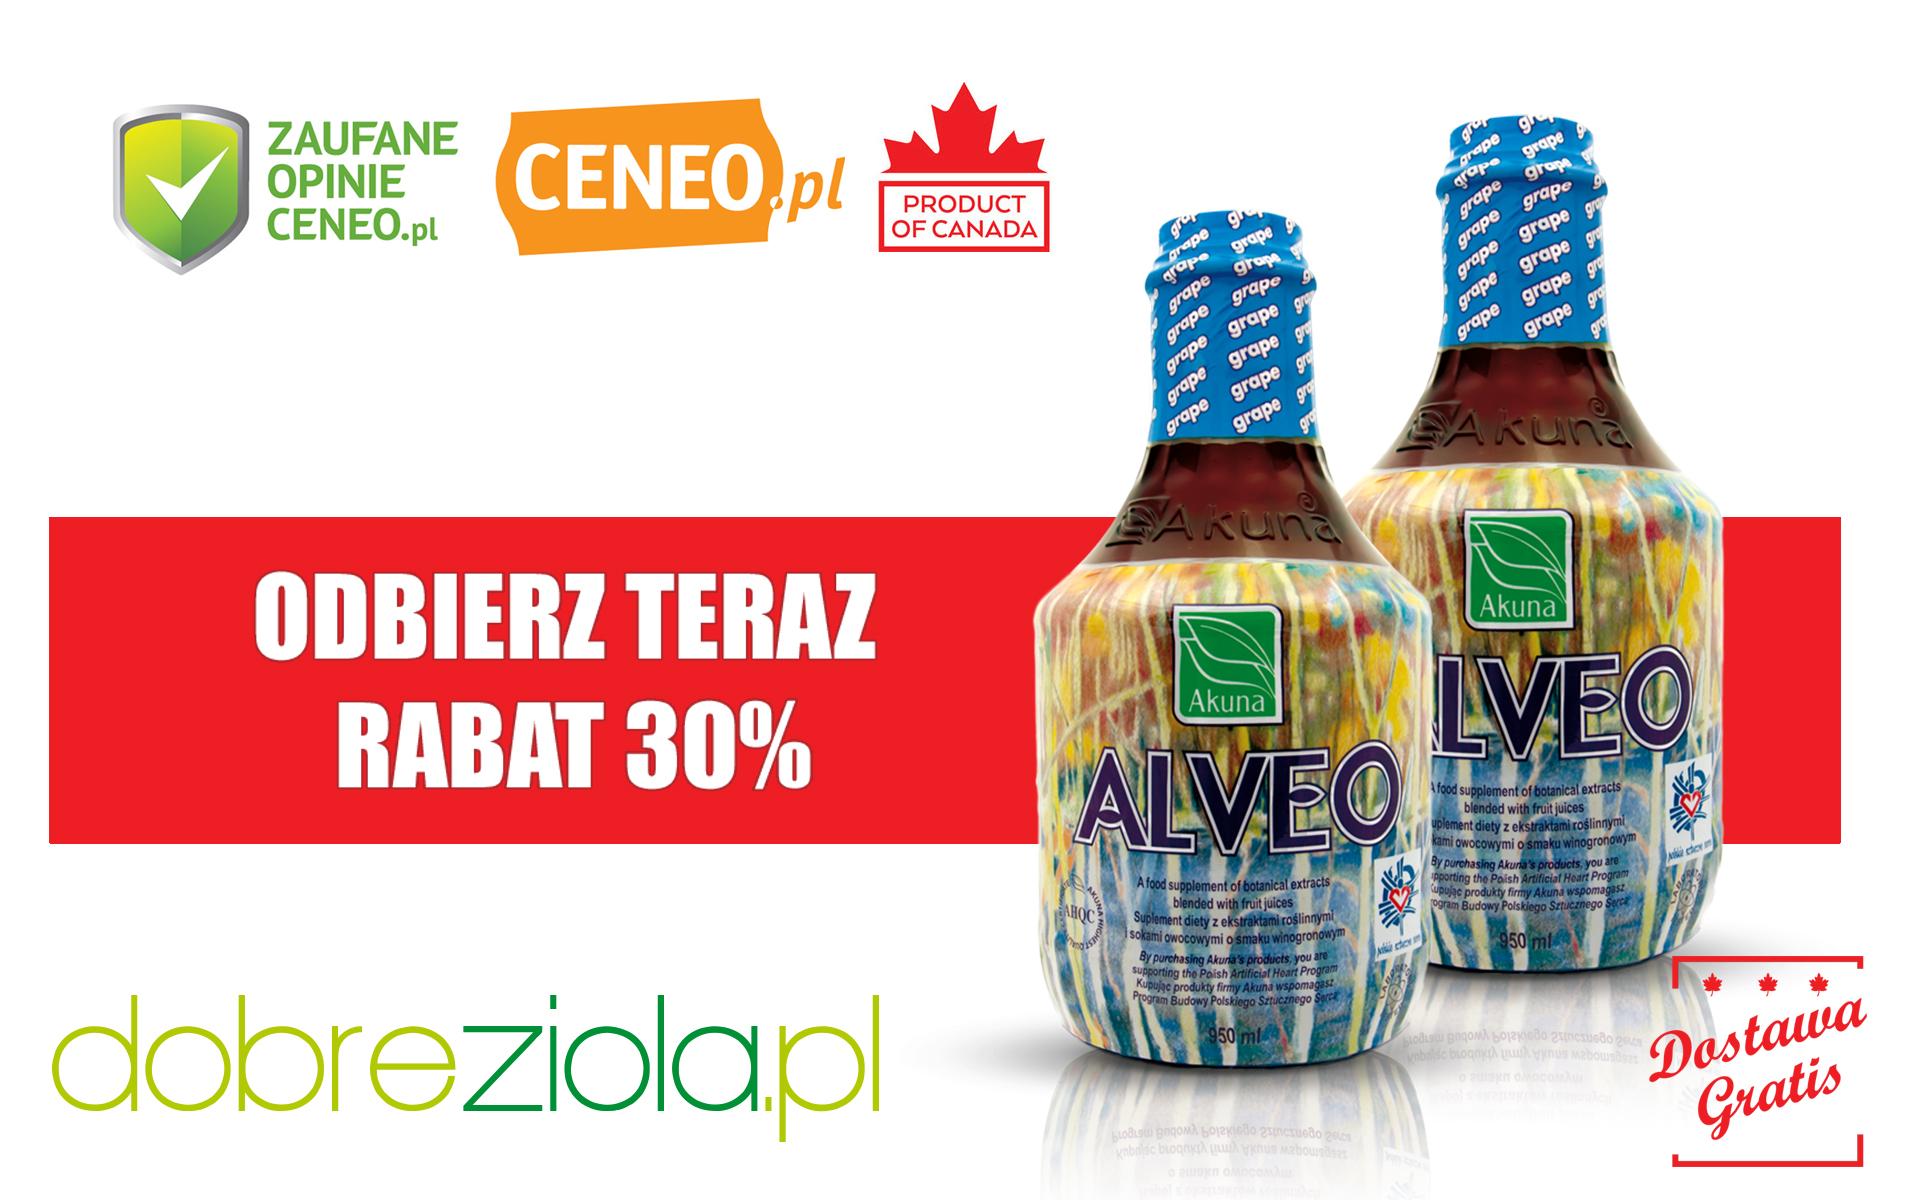 Alveo Grape - www.dobreziola.pl